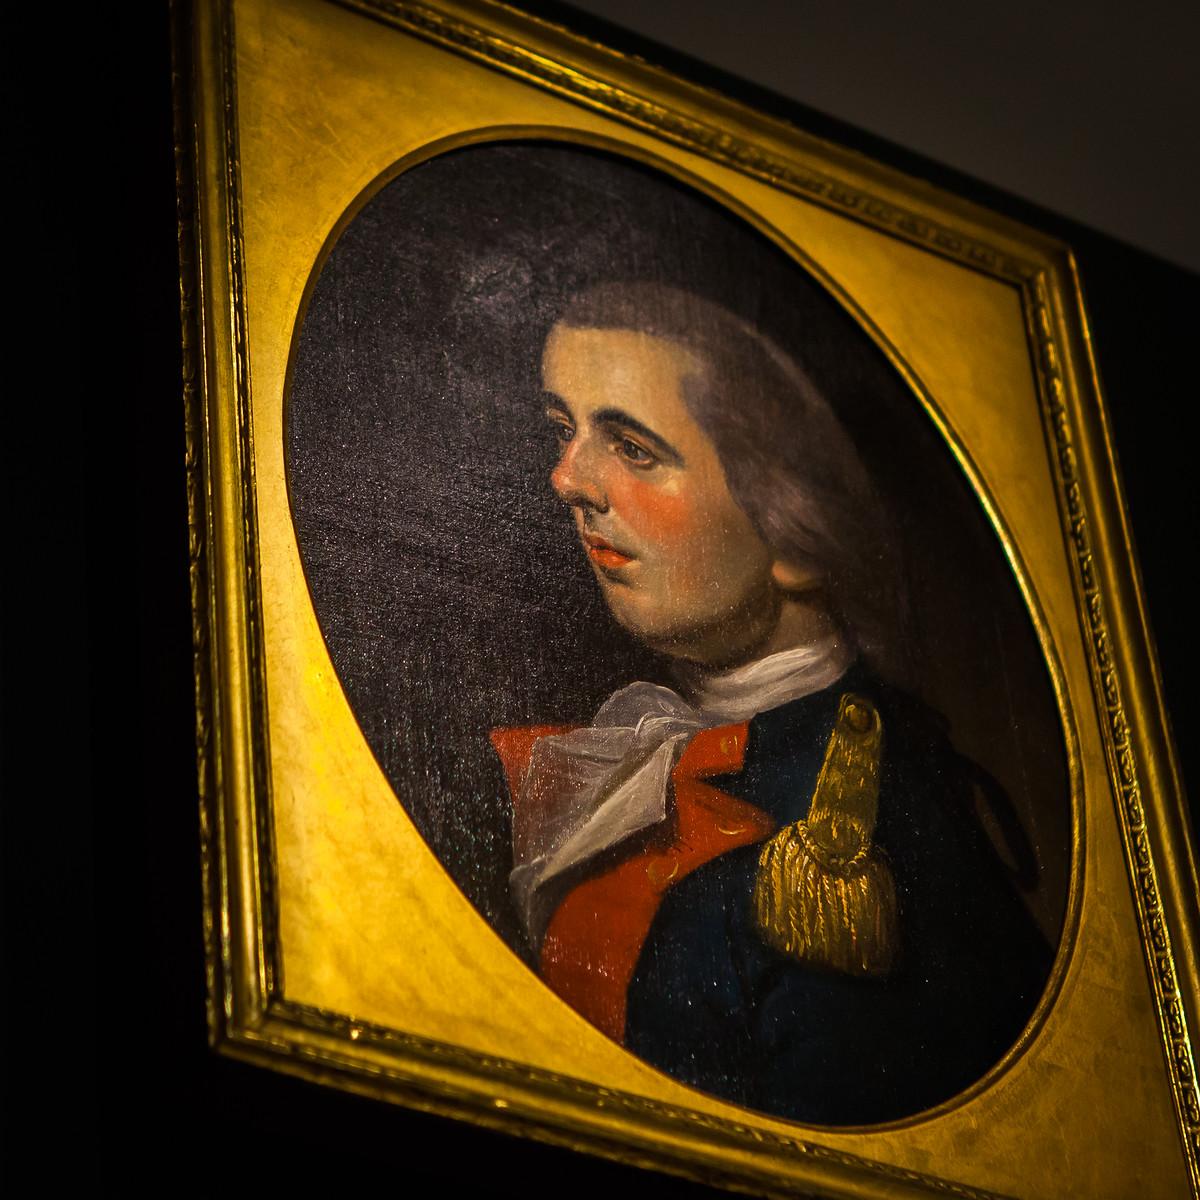 费城独立肖像馆,翻开历史那一页_图1-5